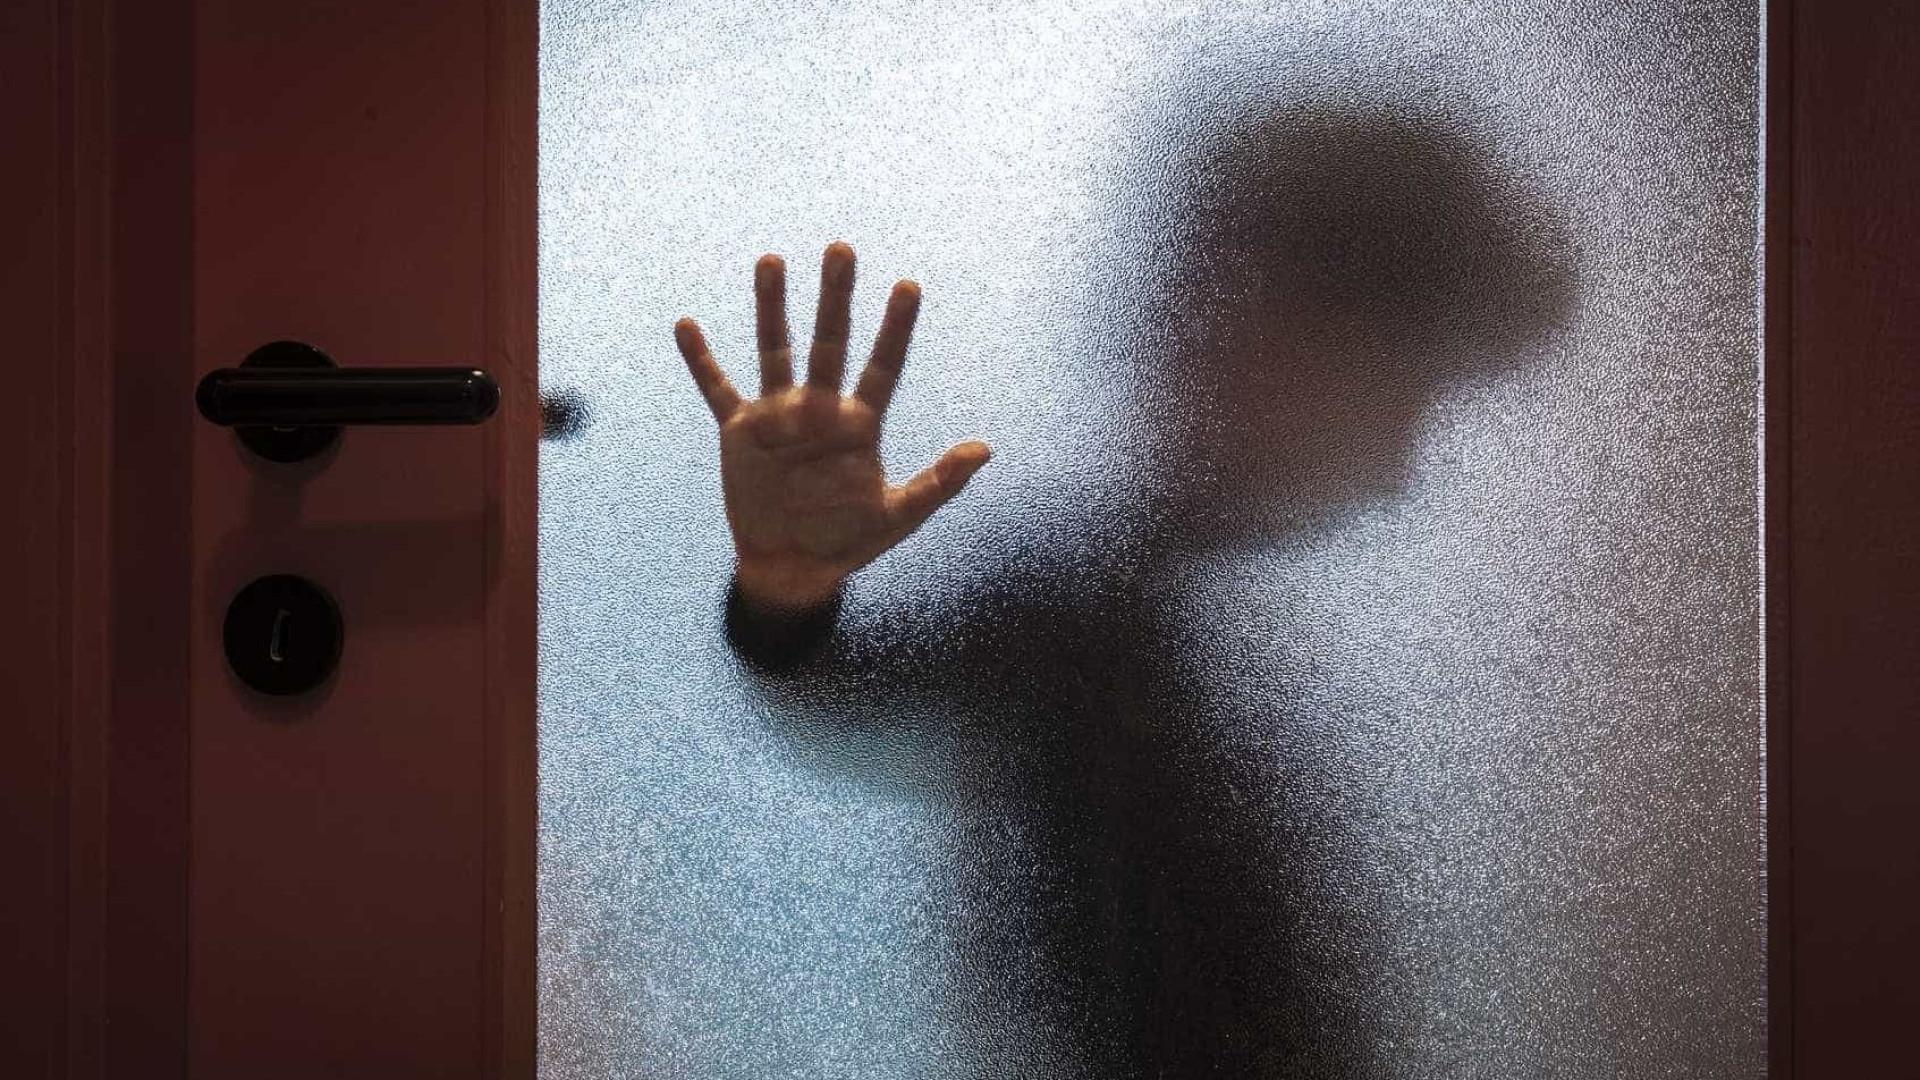 Abusava sexualmente de crianças na rua e junto a escolas. Foi detido